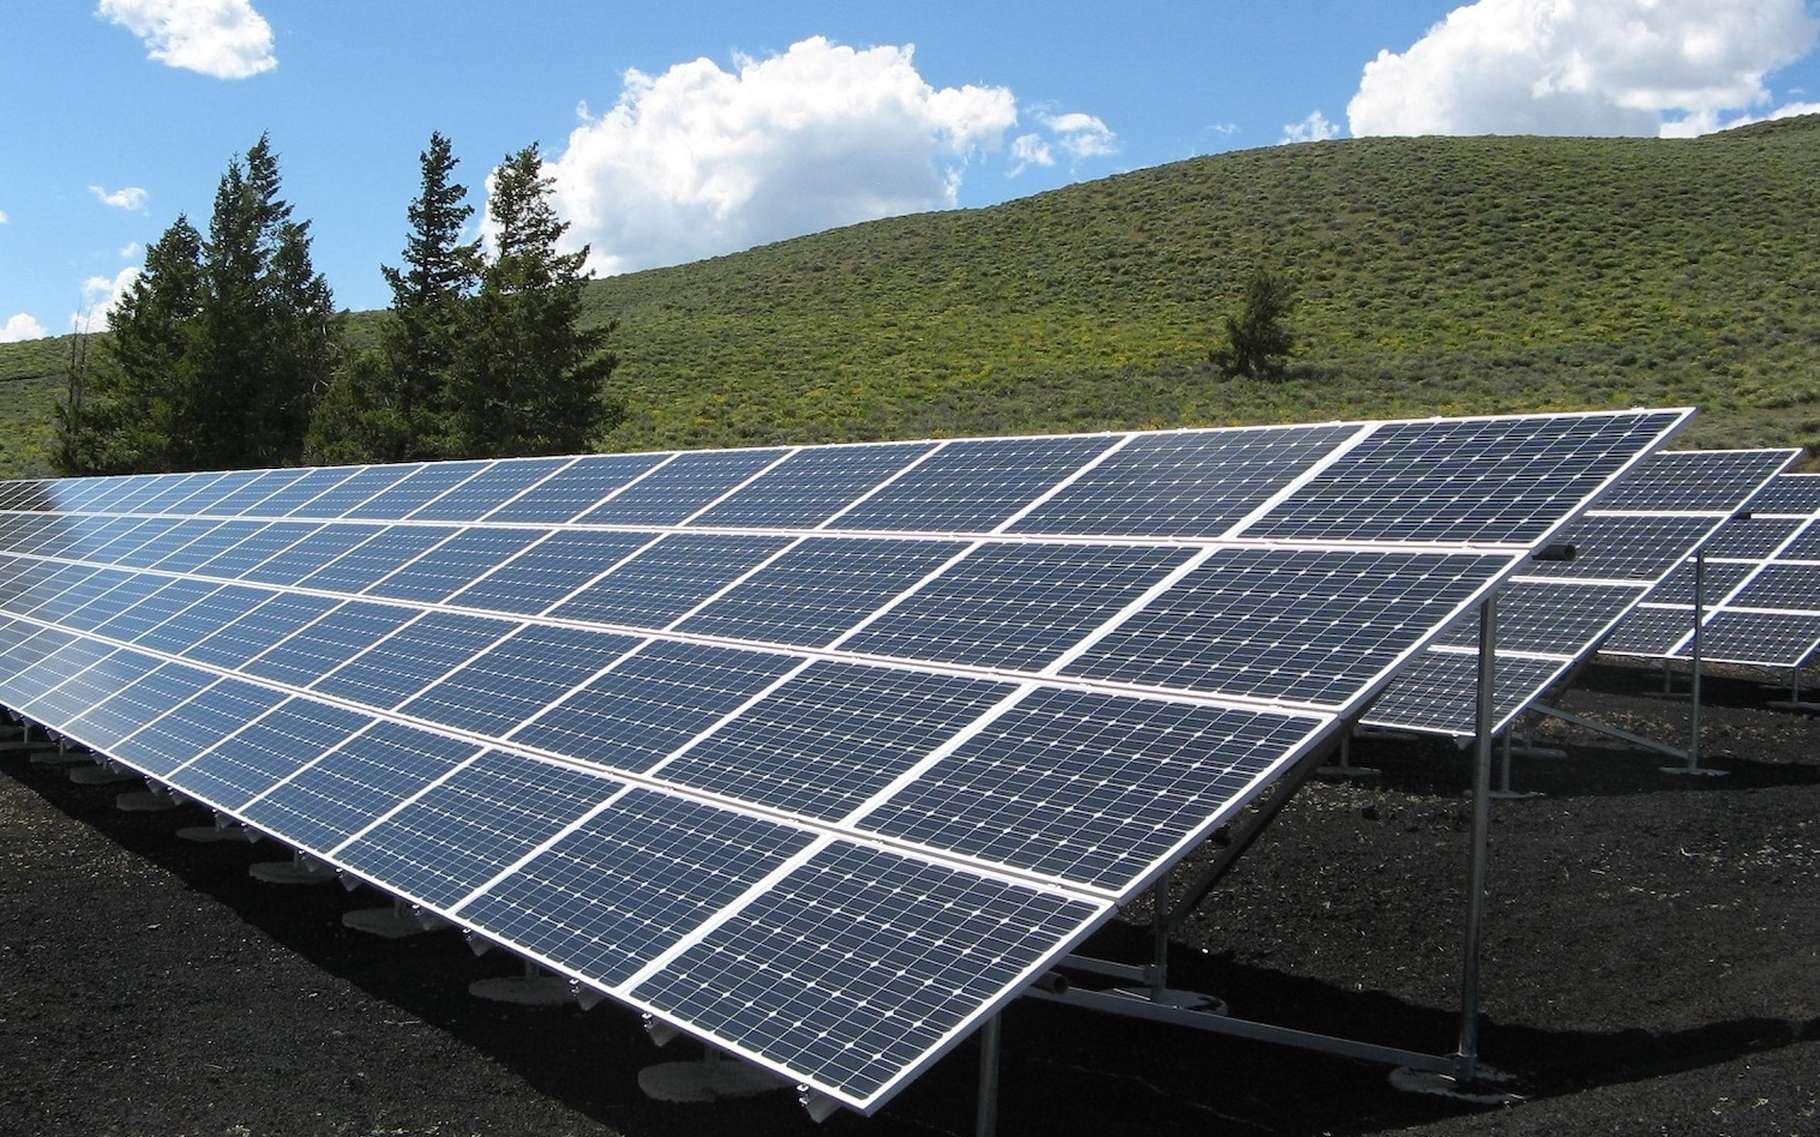 En 2018, les capacités de production d'énergie photovoltaïque ont progressé de quelque 20 % et en trente ans, les coûts ont été divisés par 1.000. Pour rester dans la course, la France mise aujourd'hui sur la recherche. © skeeze, Pixabay, CC0 Creative Commons